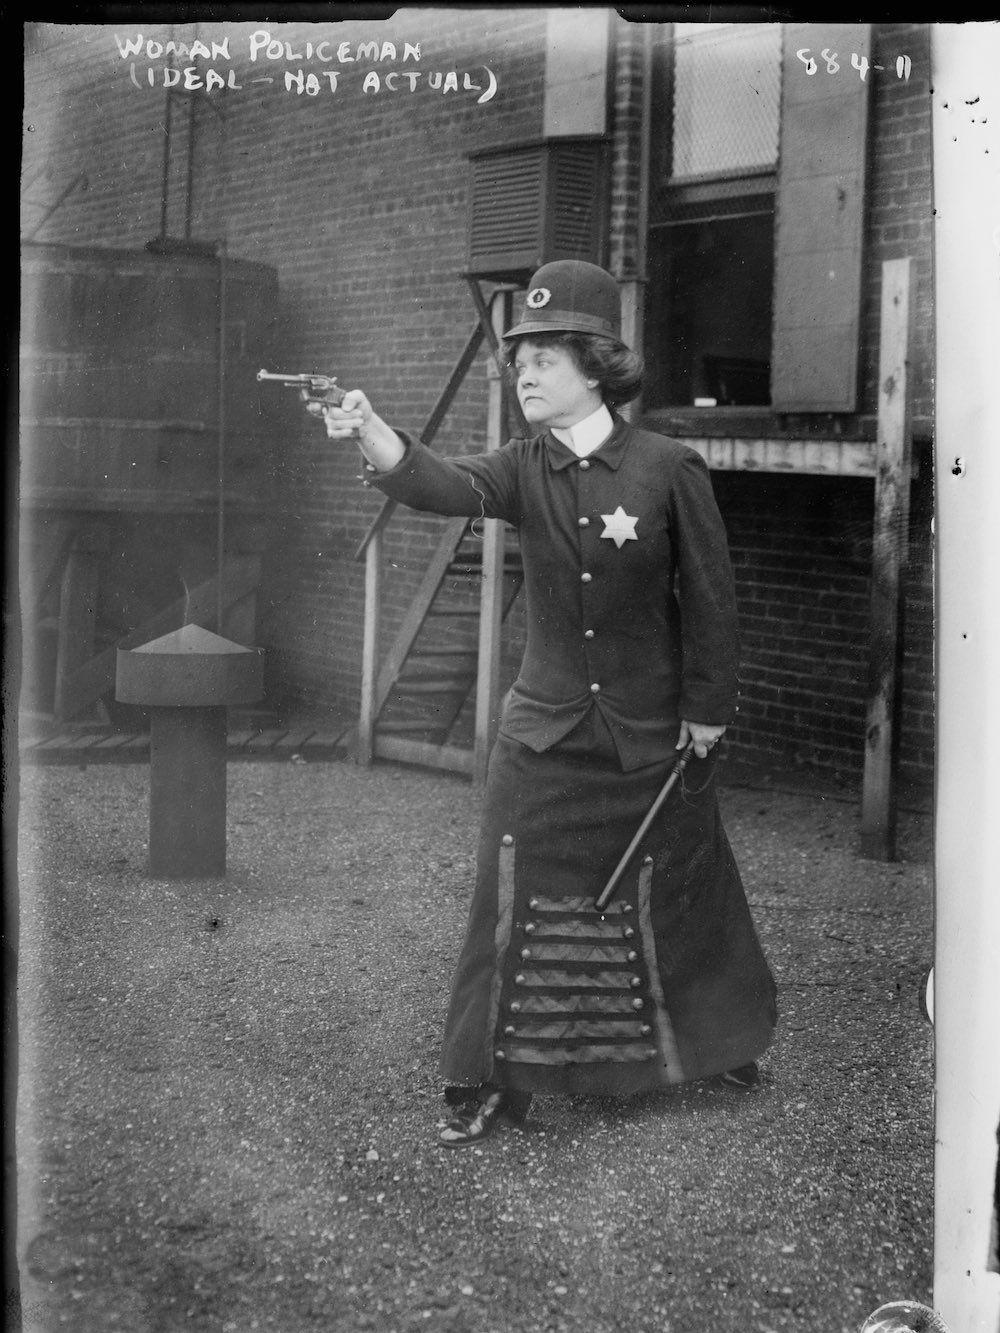 Policewoman of the future. Cincinnati, 1909.